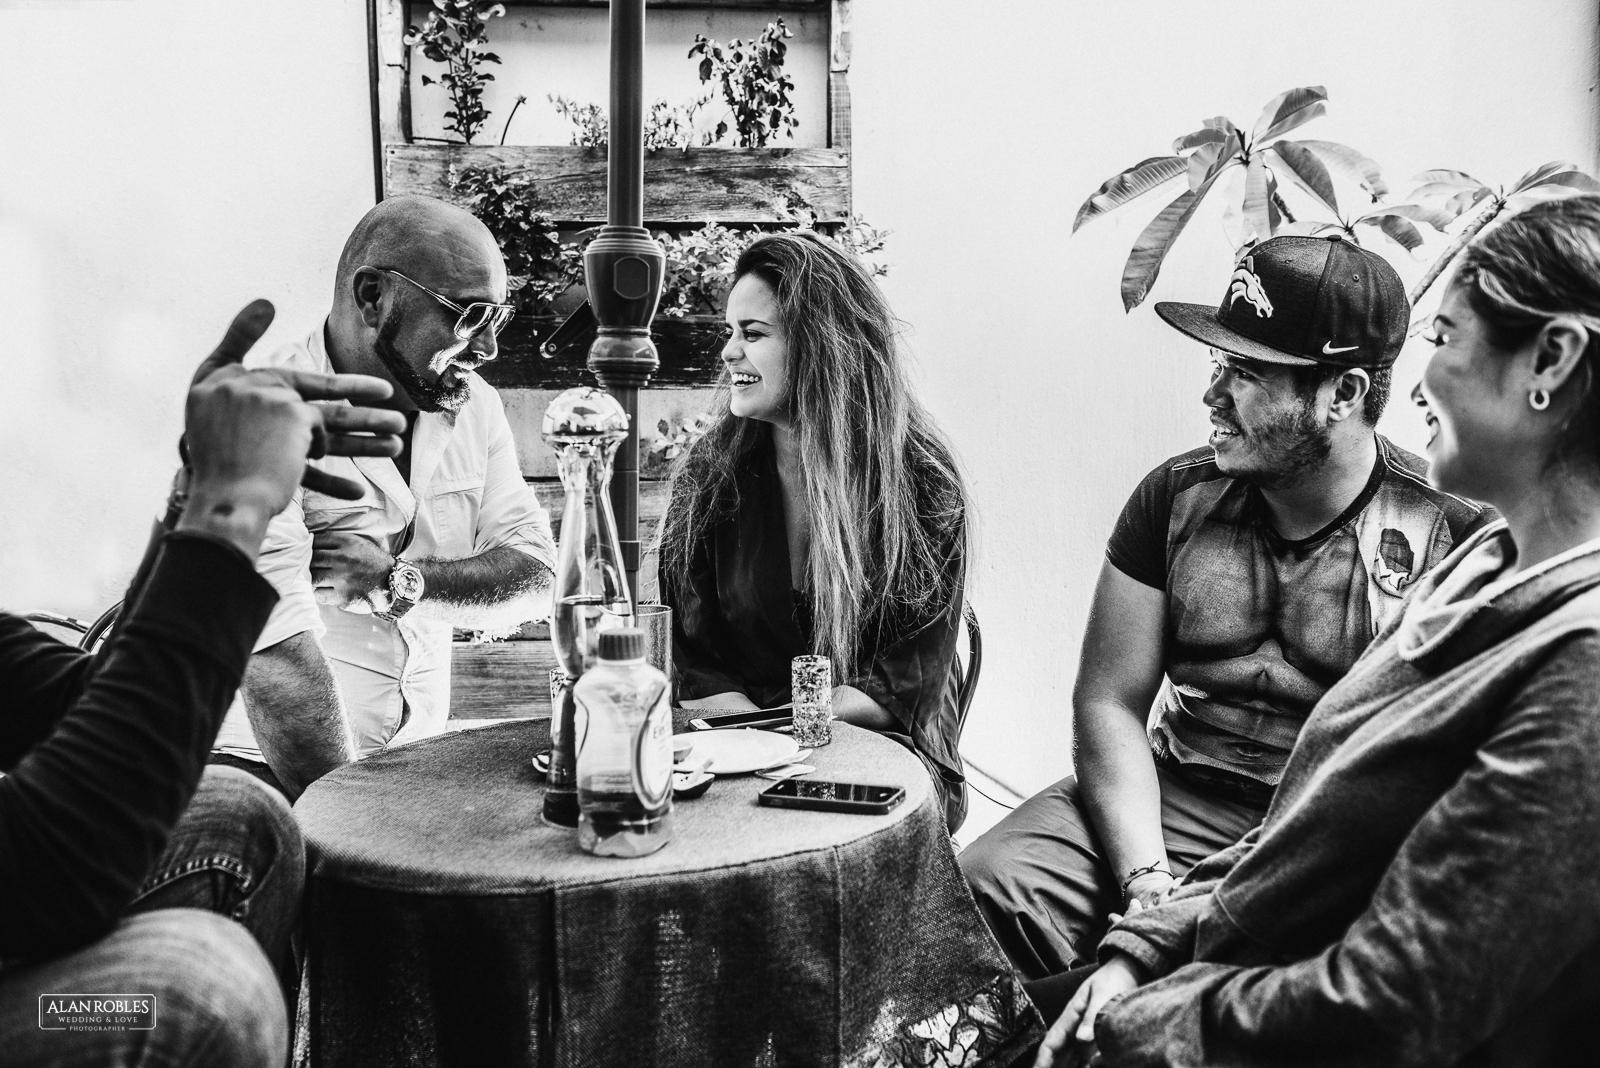 Fotografo de Bodas en Guadalara Alan Robles - Boda en Tlaquepaque Centro historico - Getting Ready